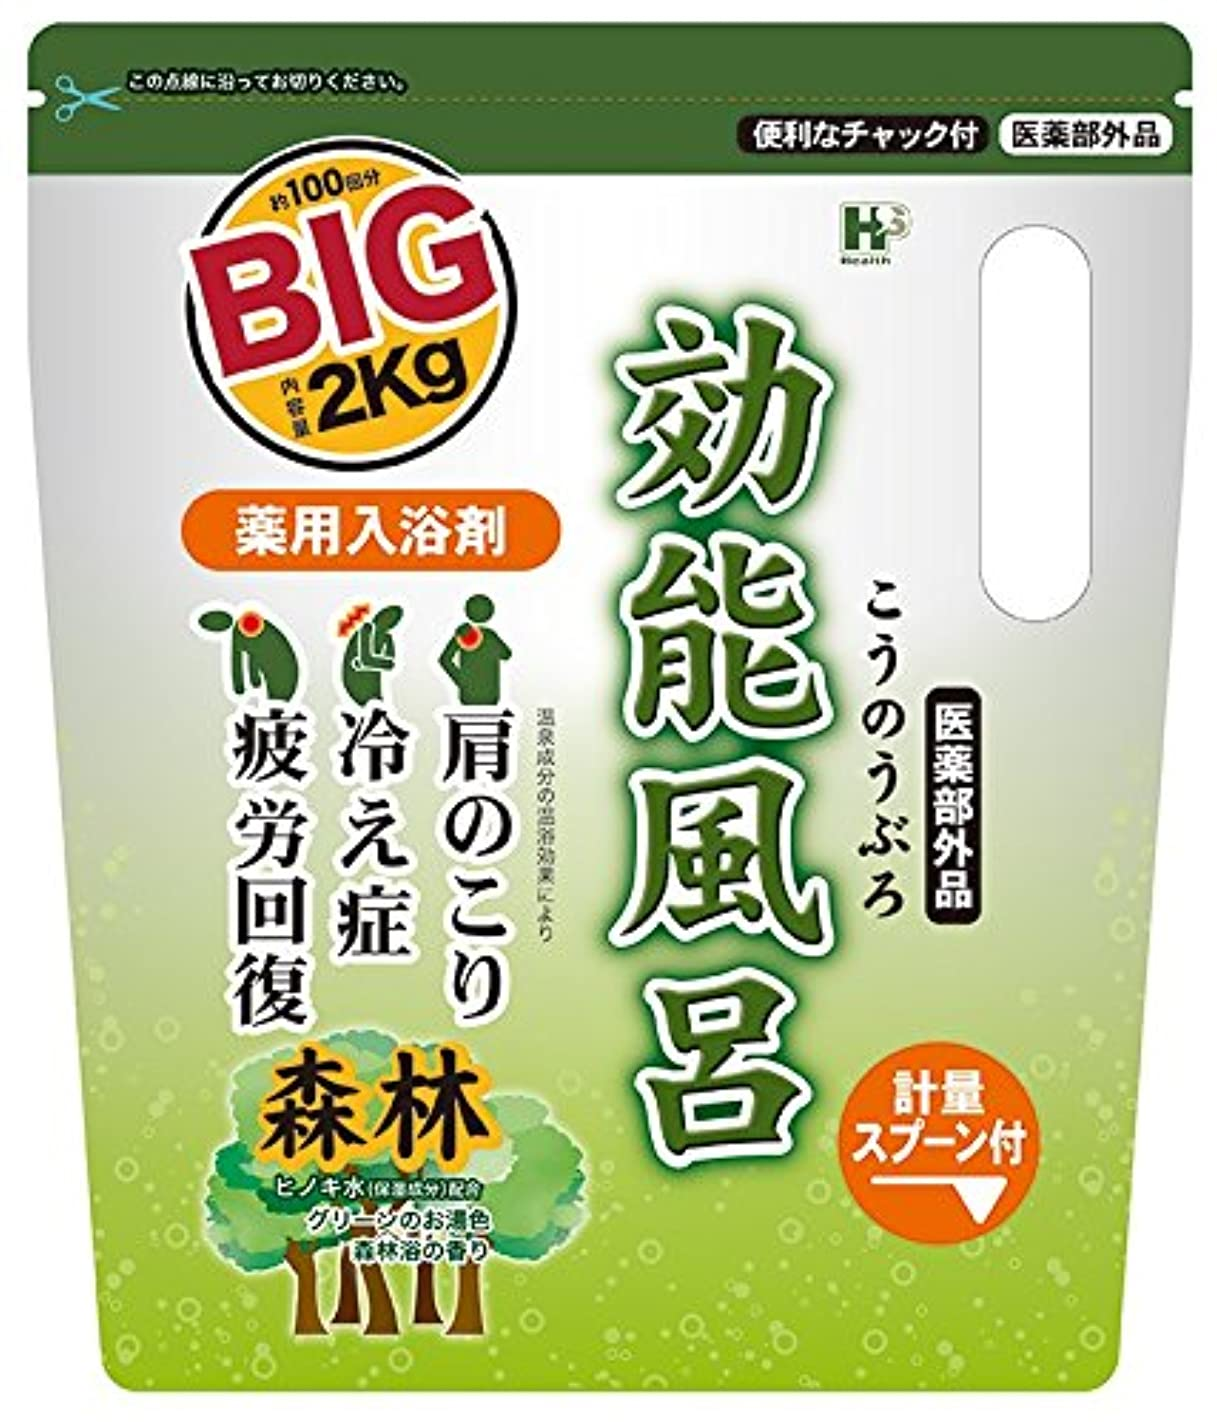 チャペル創造バイアス薬用入浴剤 効能風呂 森林の香り BIGサイズ 2kg [医薬部外品]